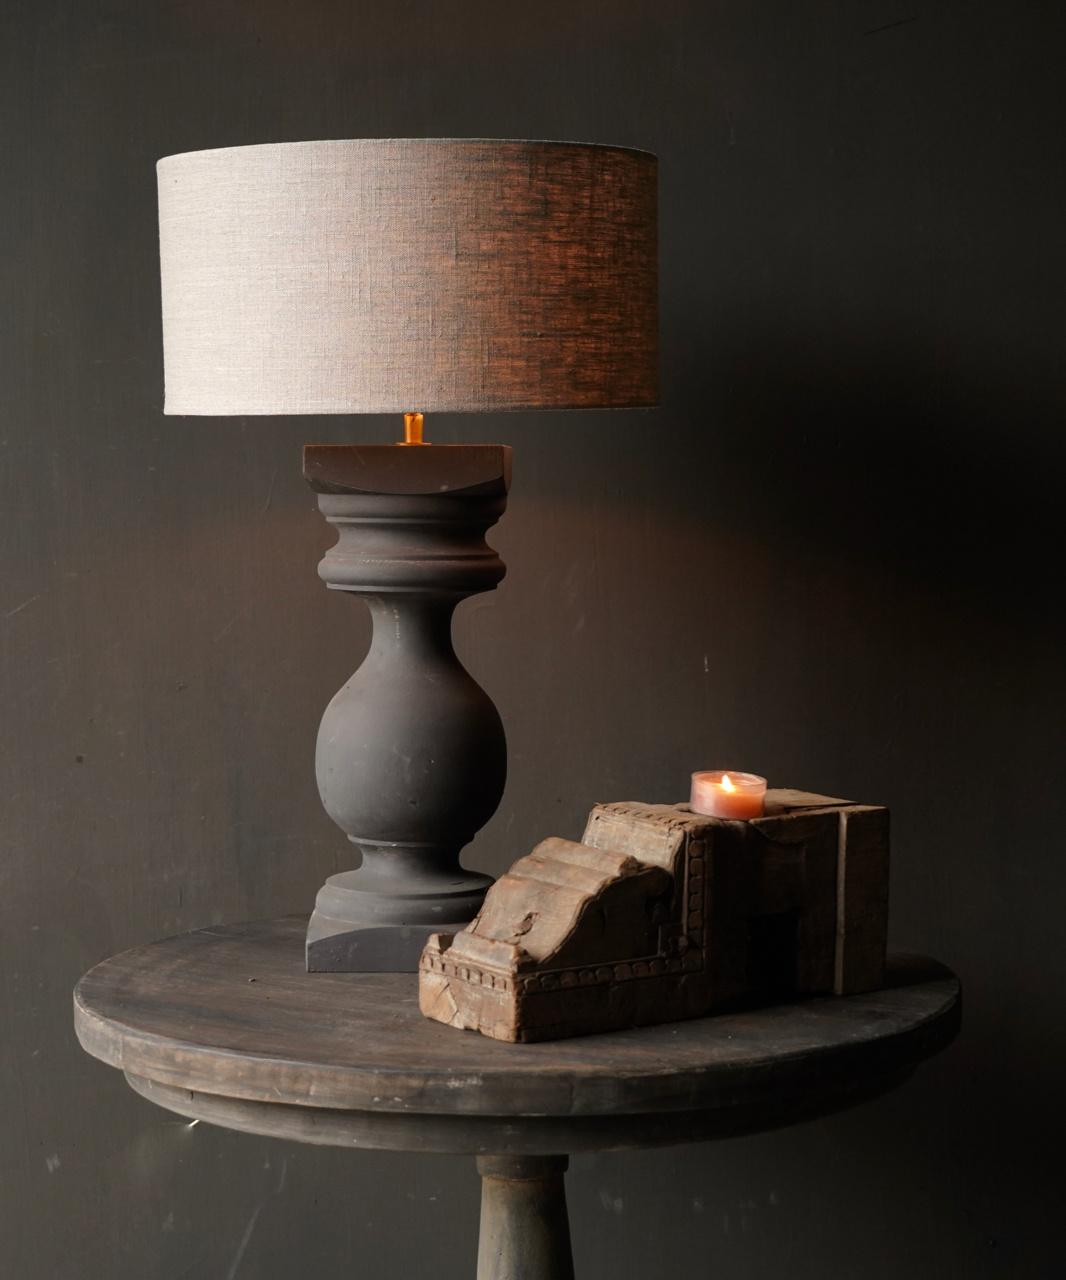 Houten Baluster lamp voet-2